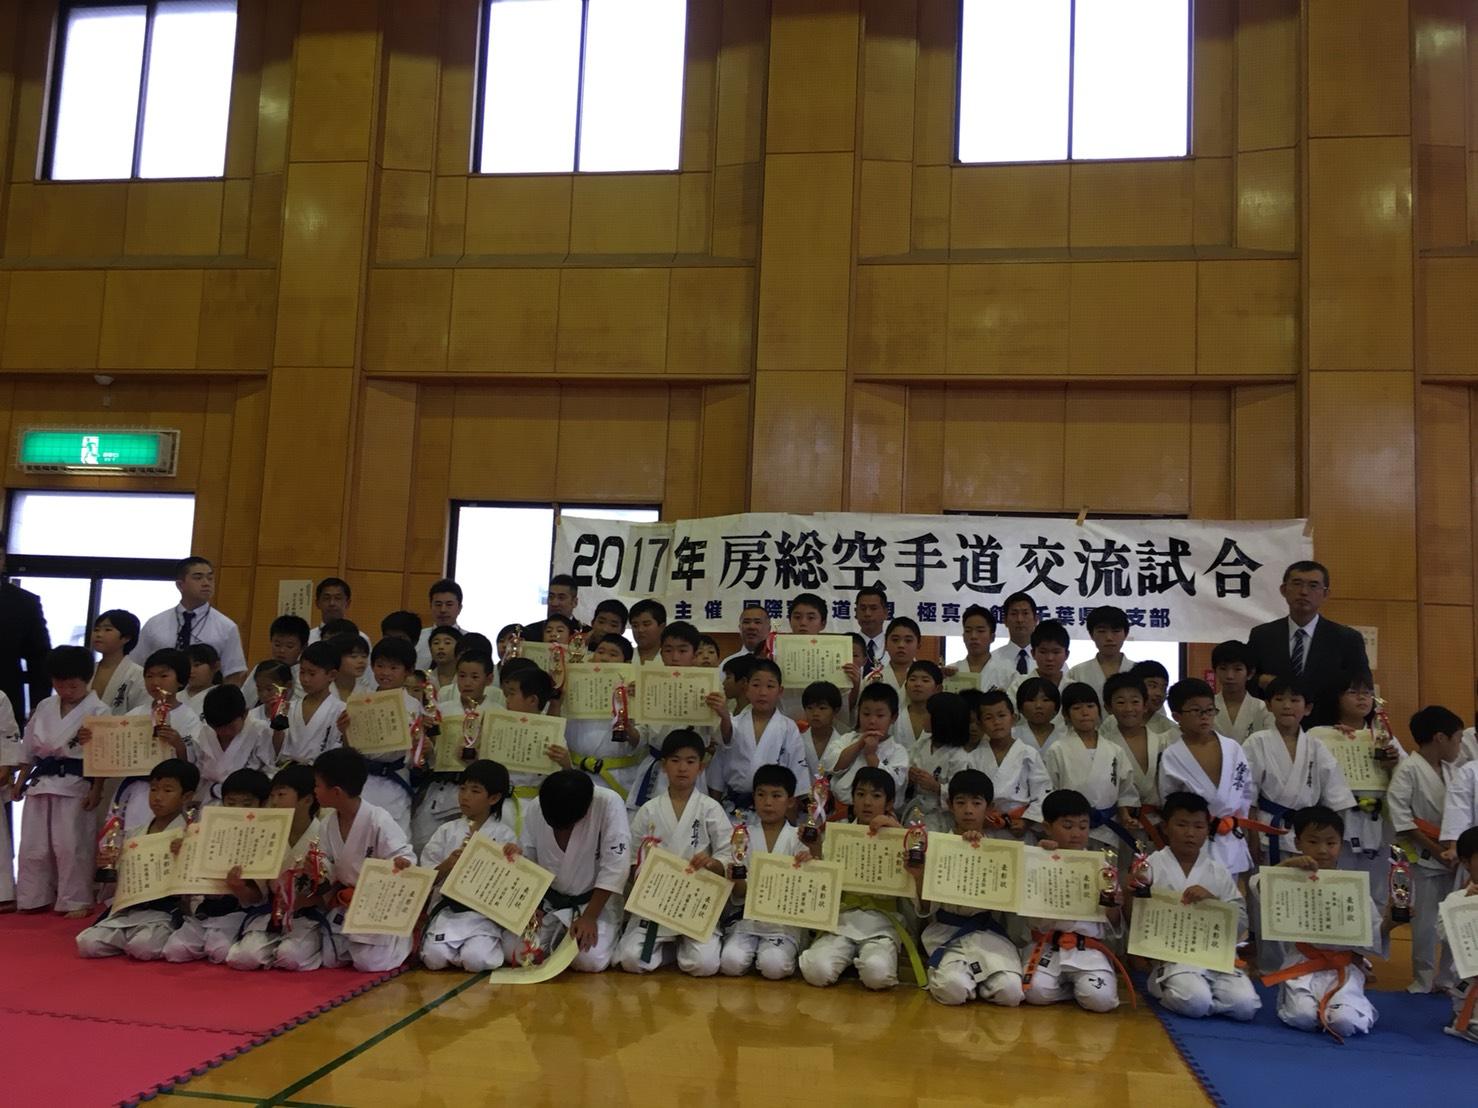 http://www.kyokushin-chibaminami.com/images/1509368658023.jpg